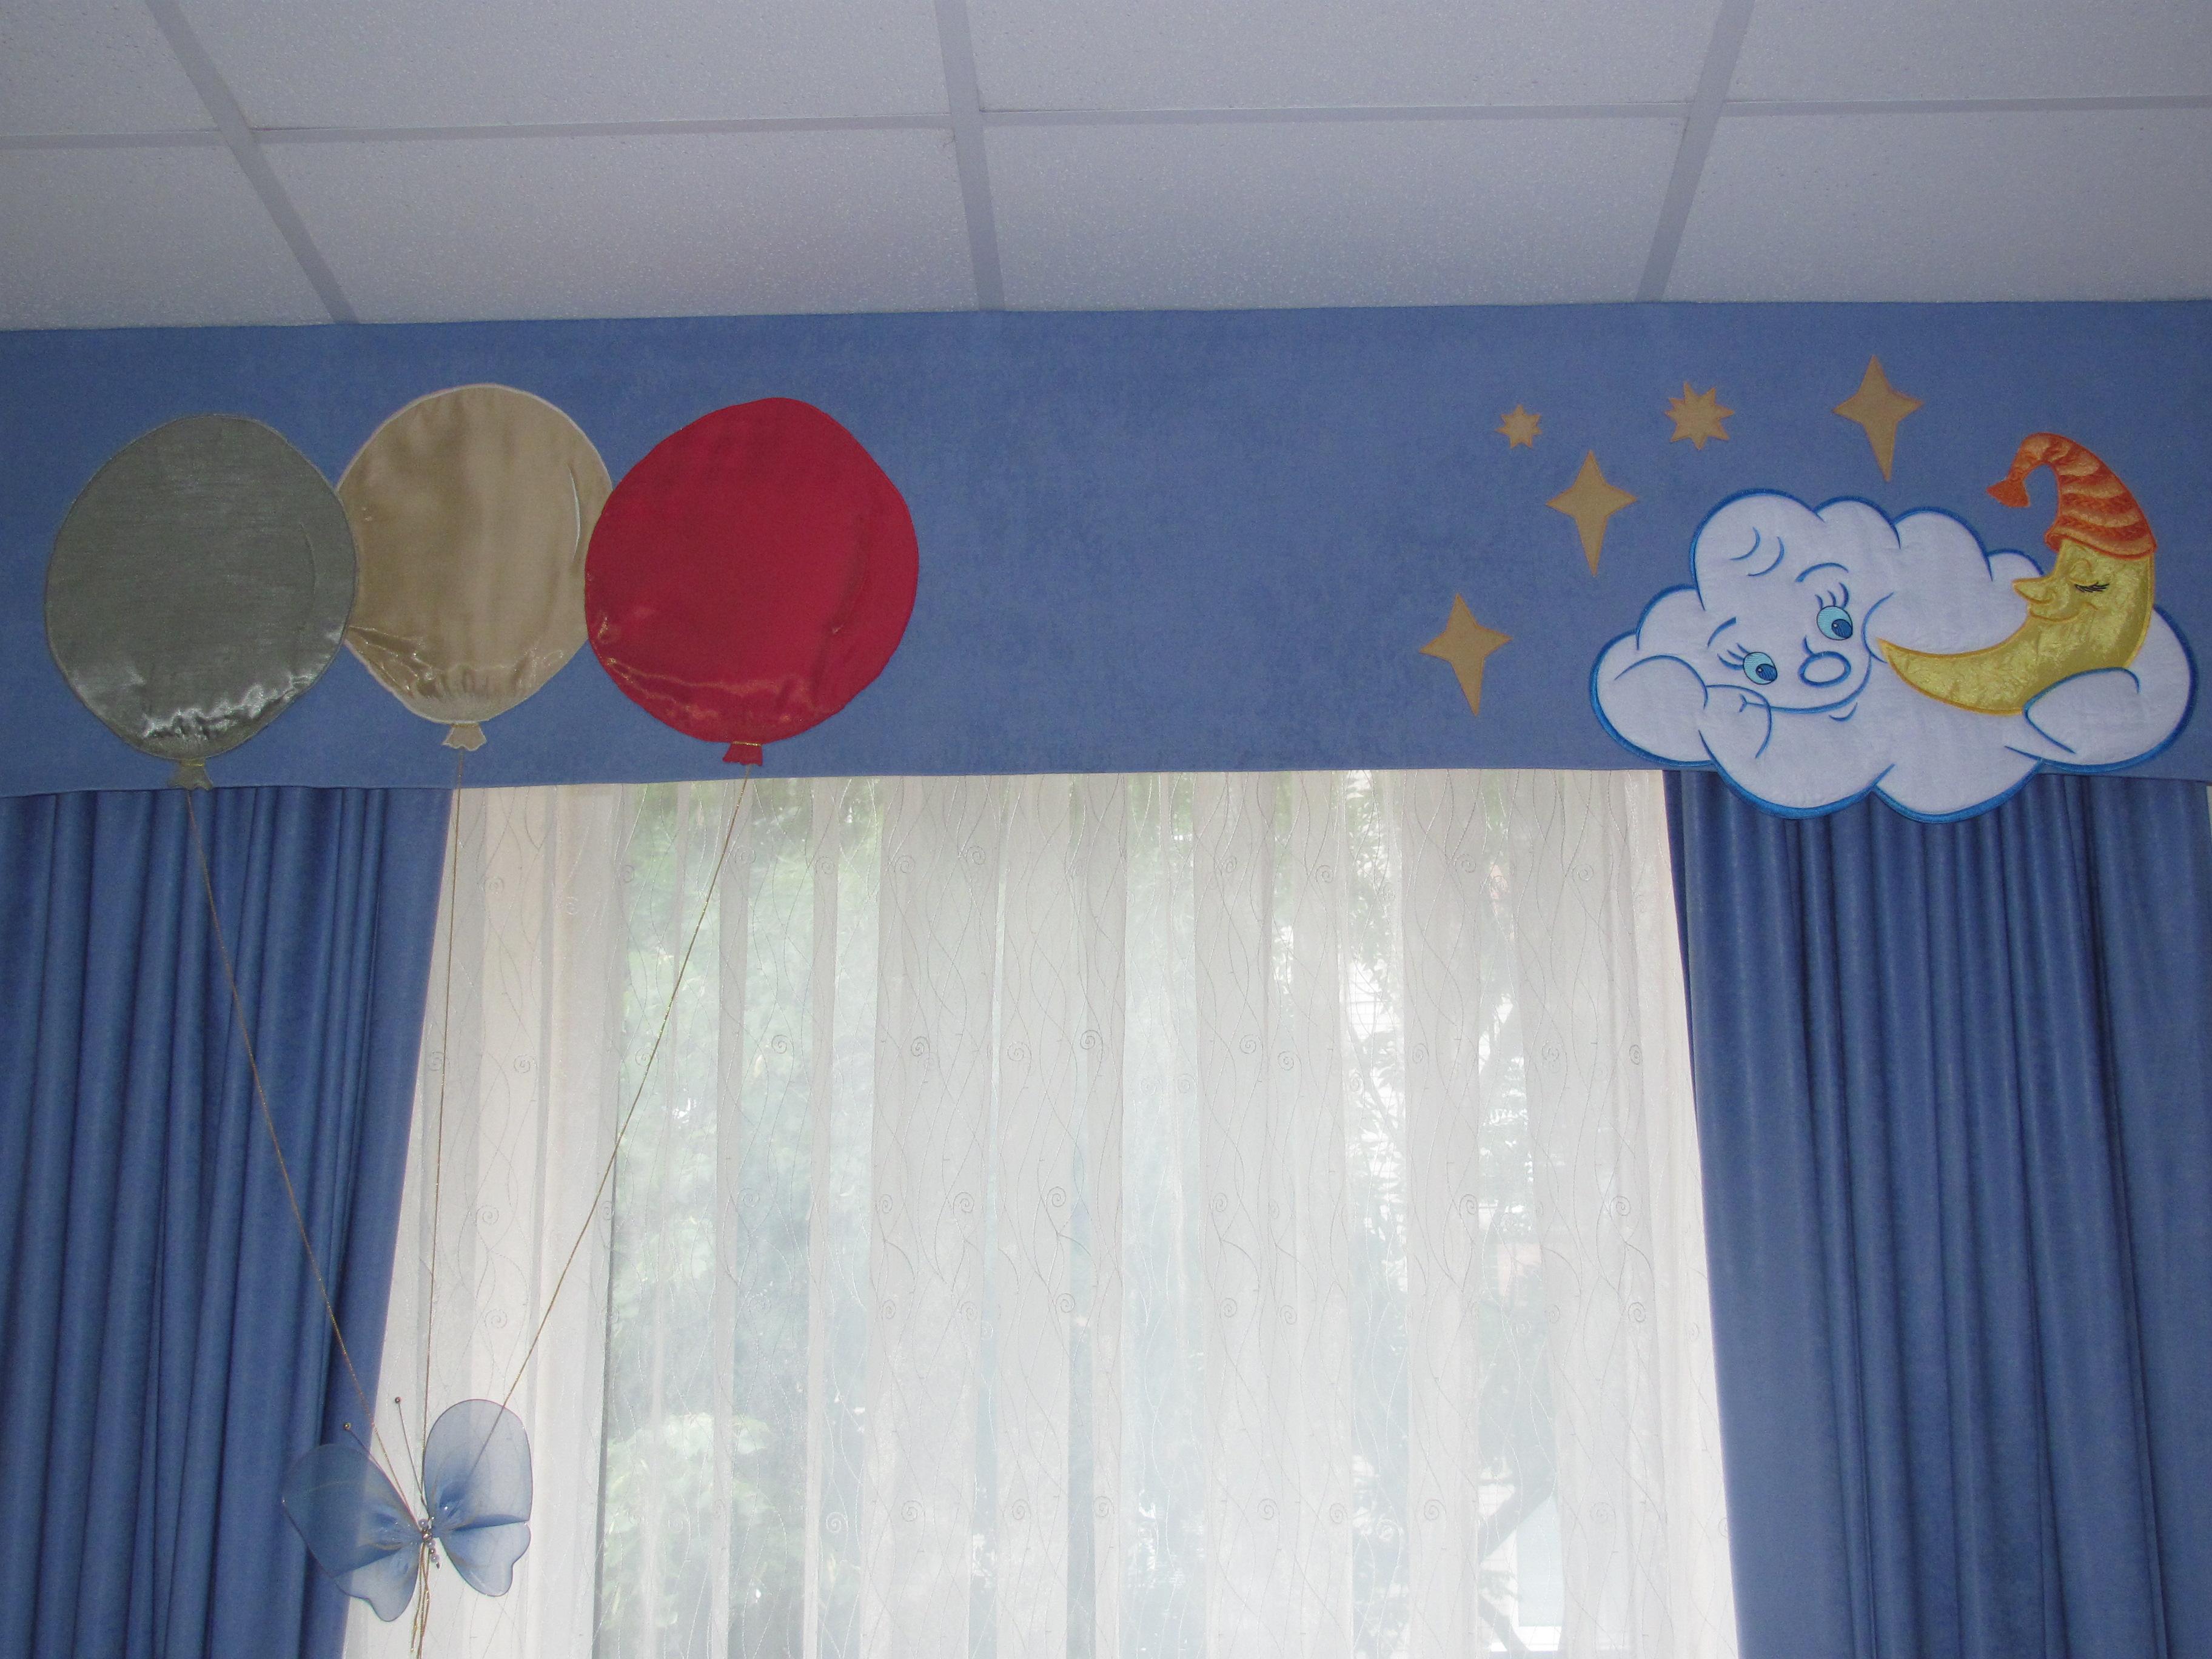 Оригинальный жесткий ламбрекен в детской комнате